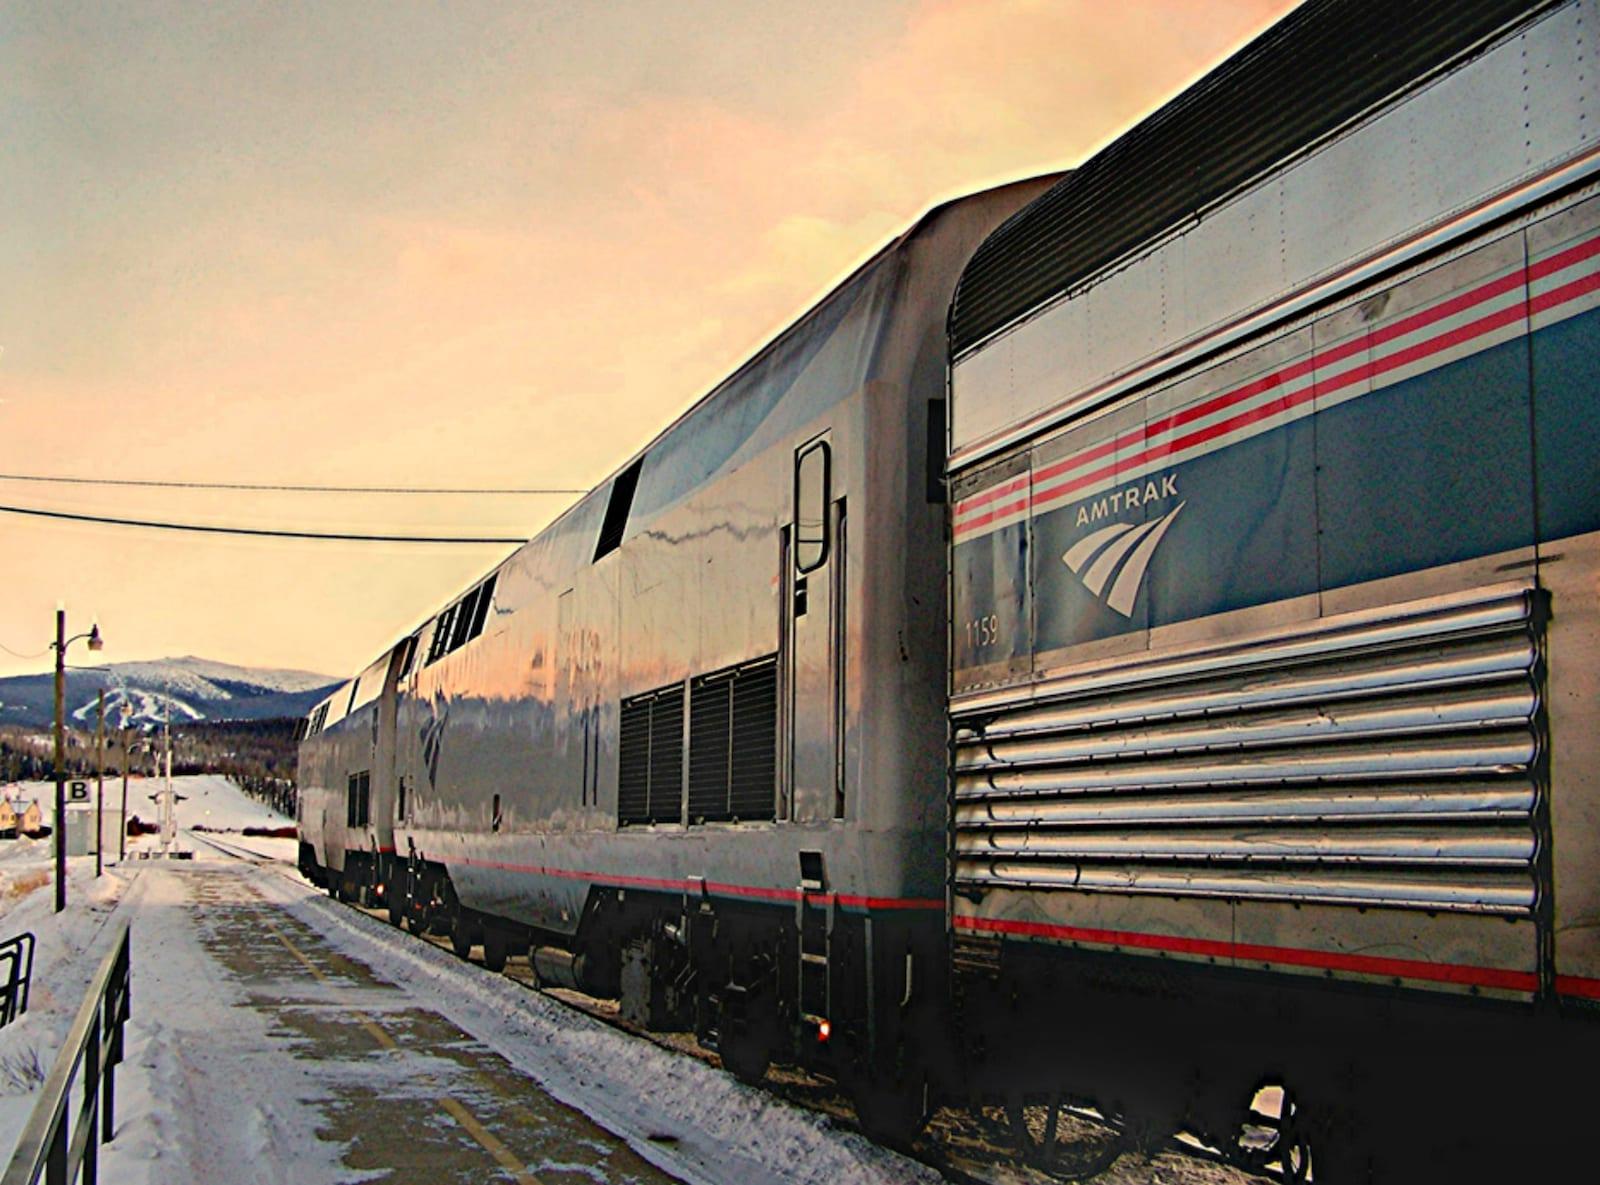 Fraser CO California Zephyr Amtrak Train